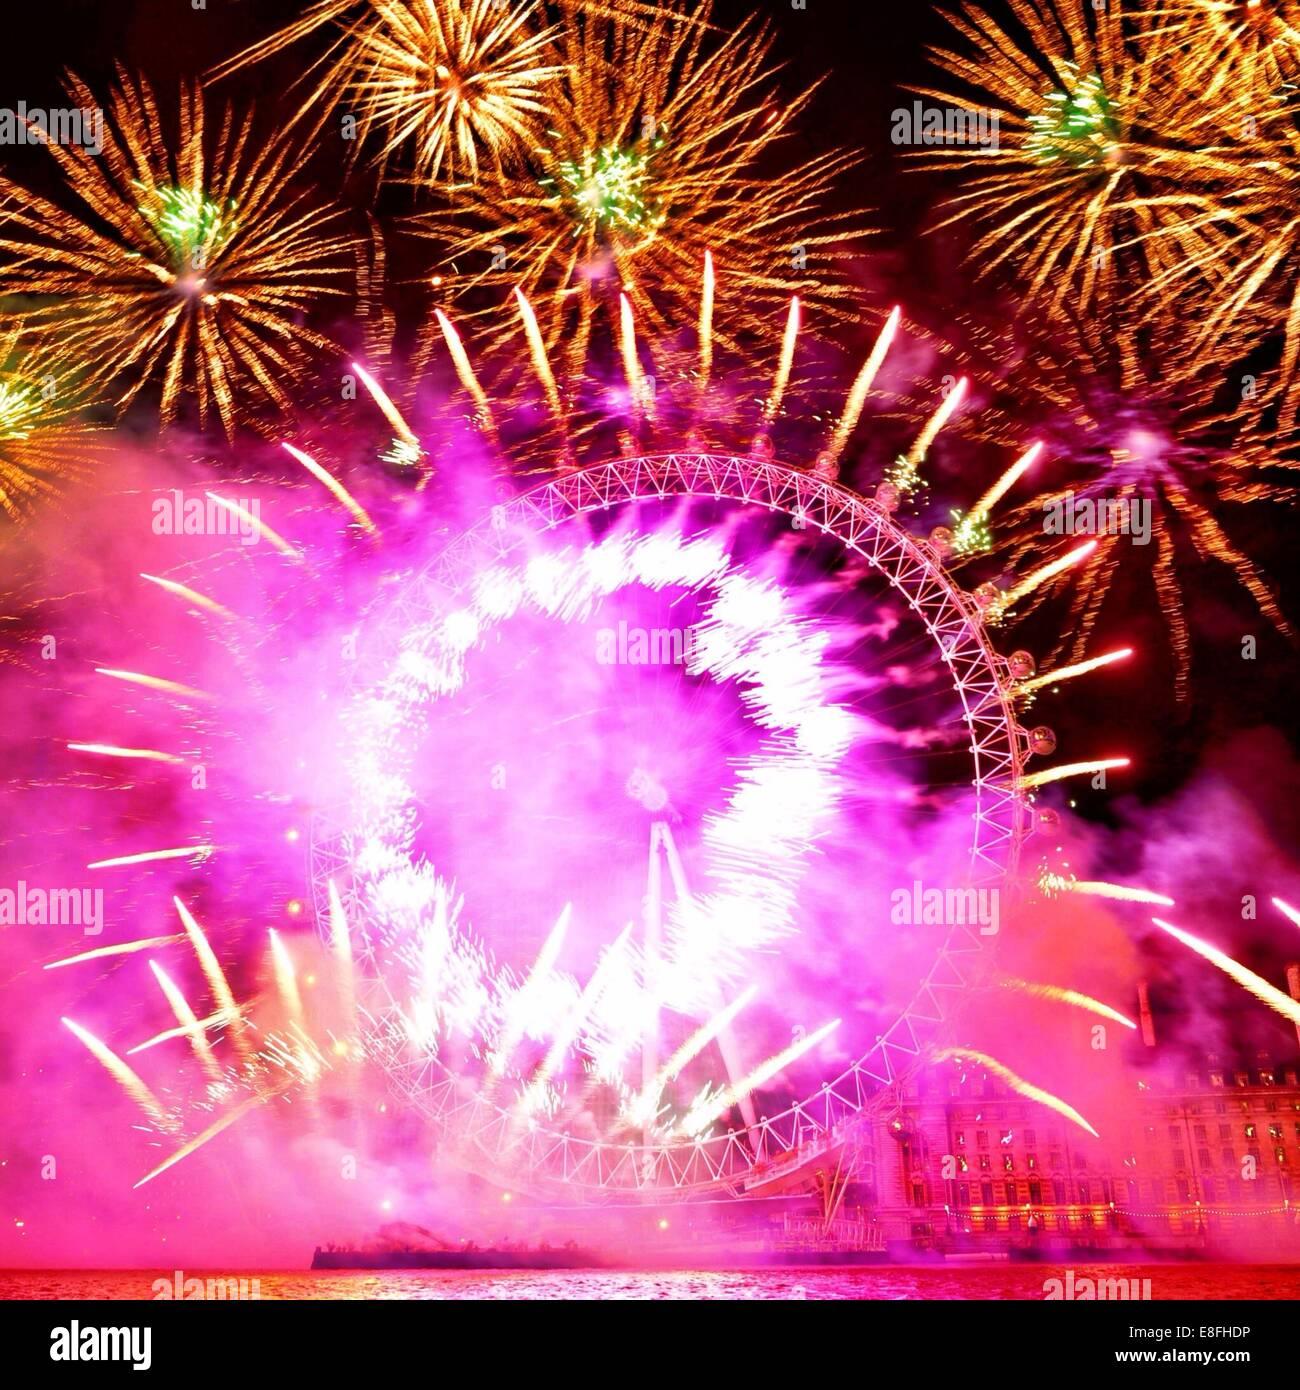 Vereinigtes Königreich, London, London Eye Feuerwerk Stockbild